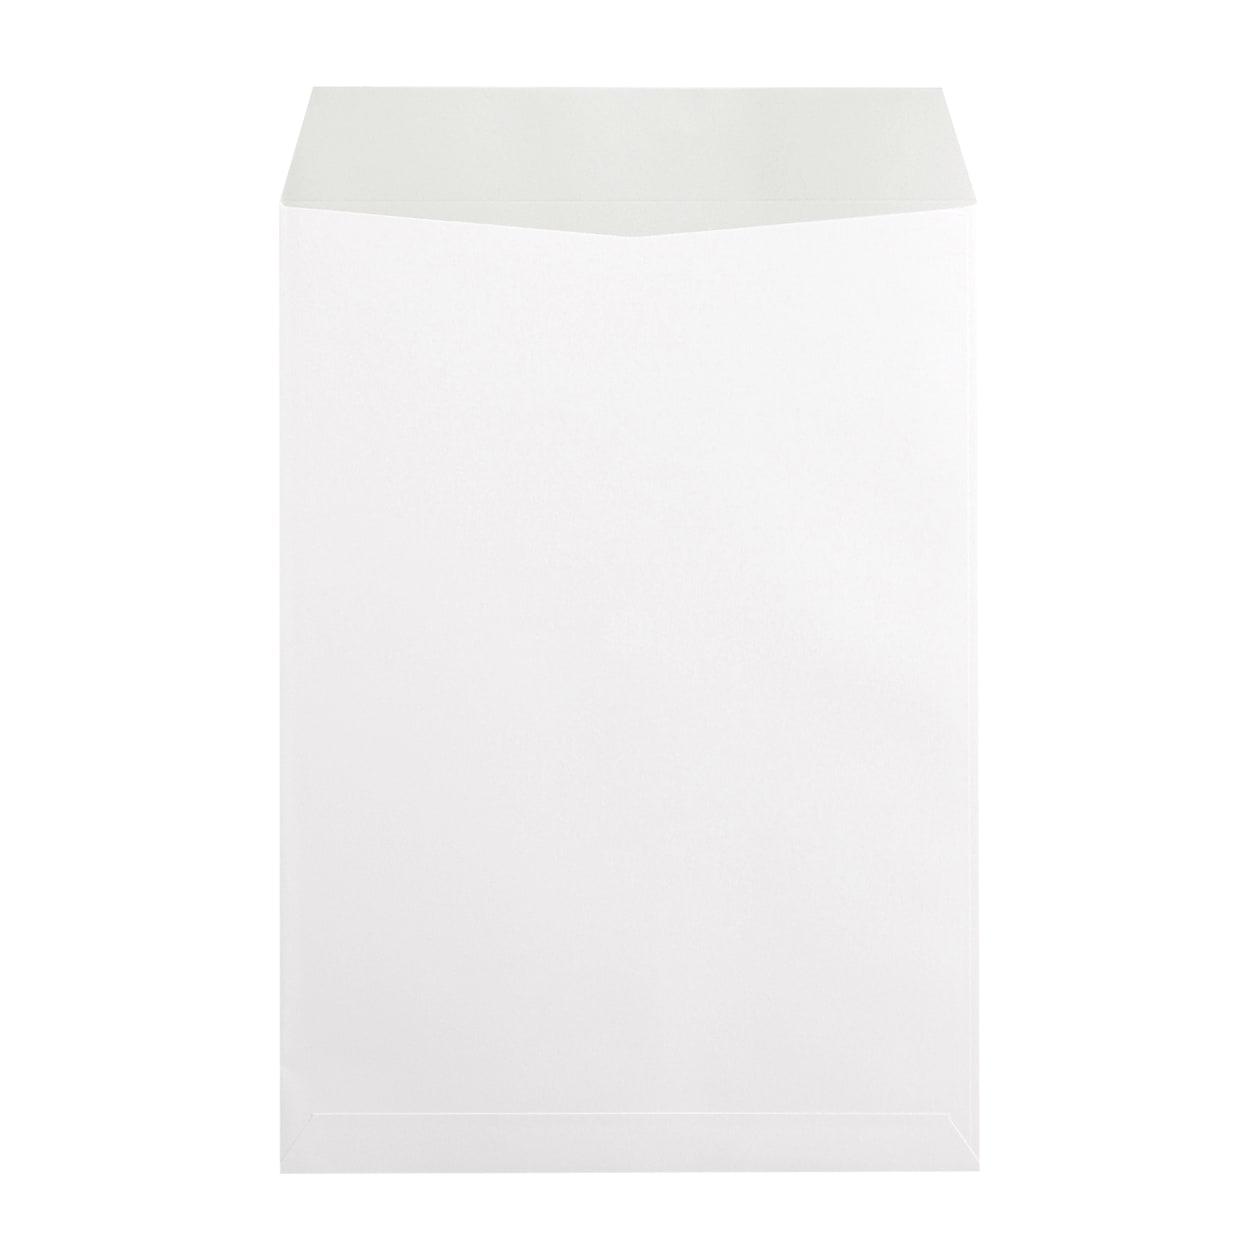 角2封筒 コットンオペーク ホワイト 116.3g